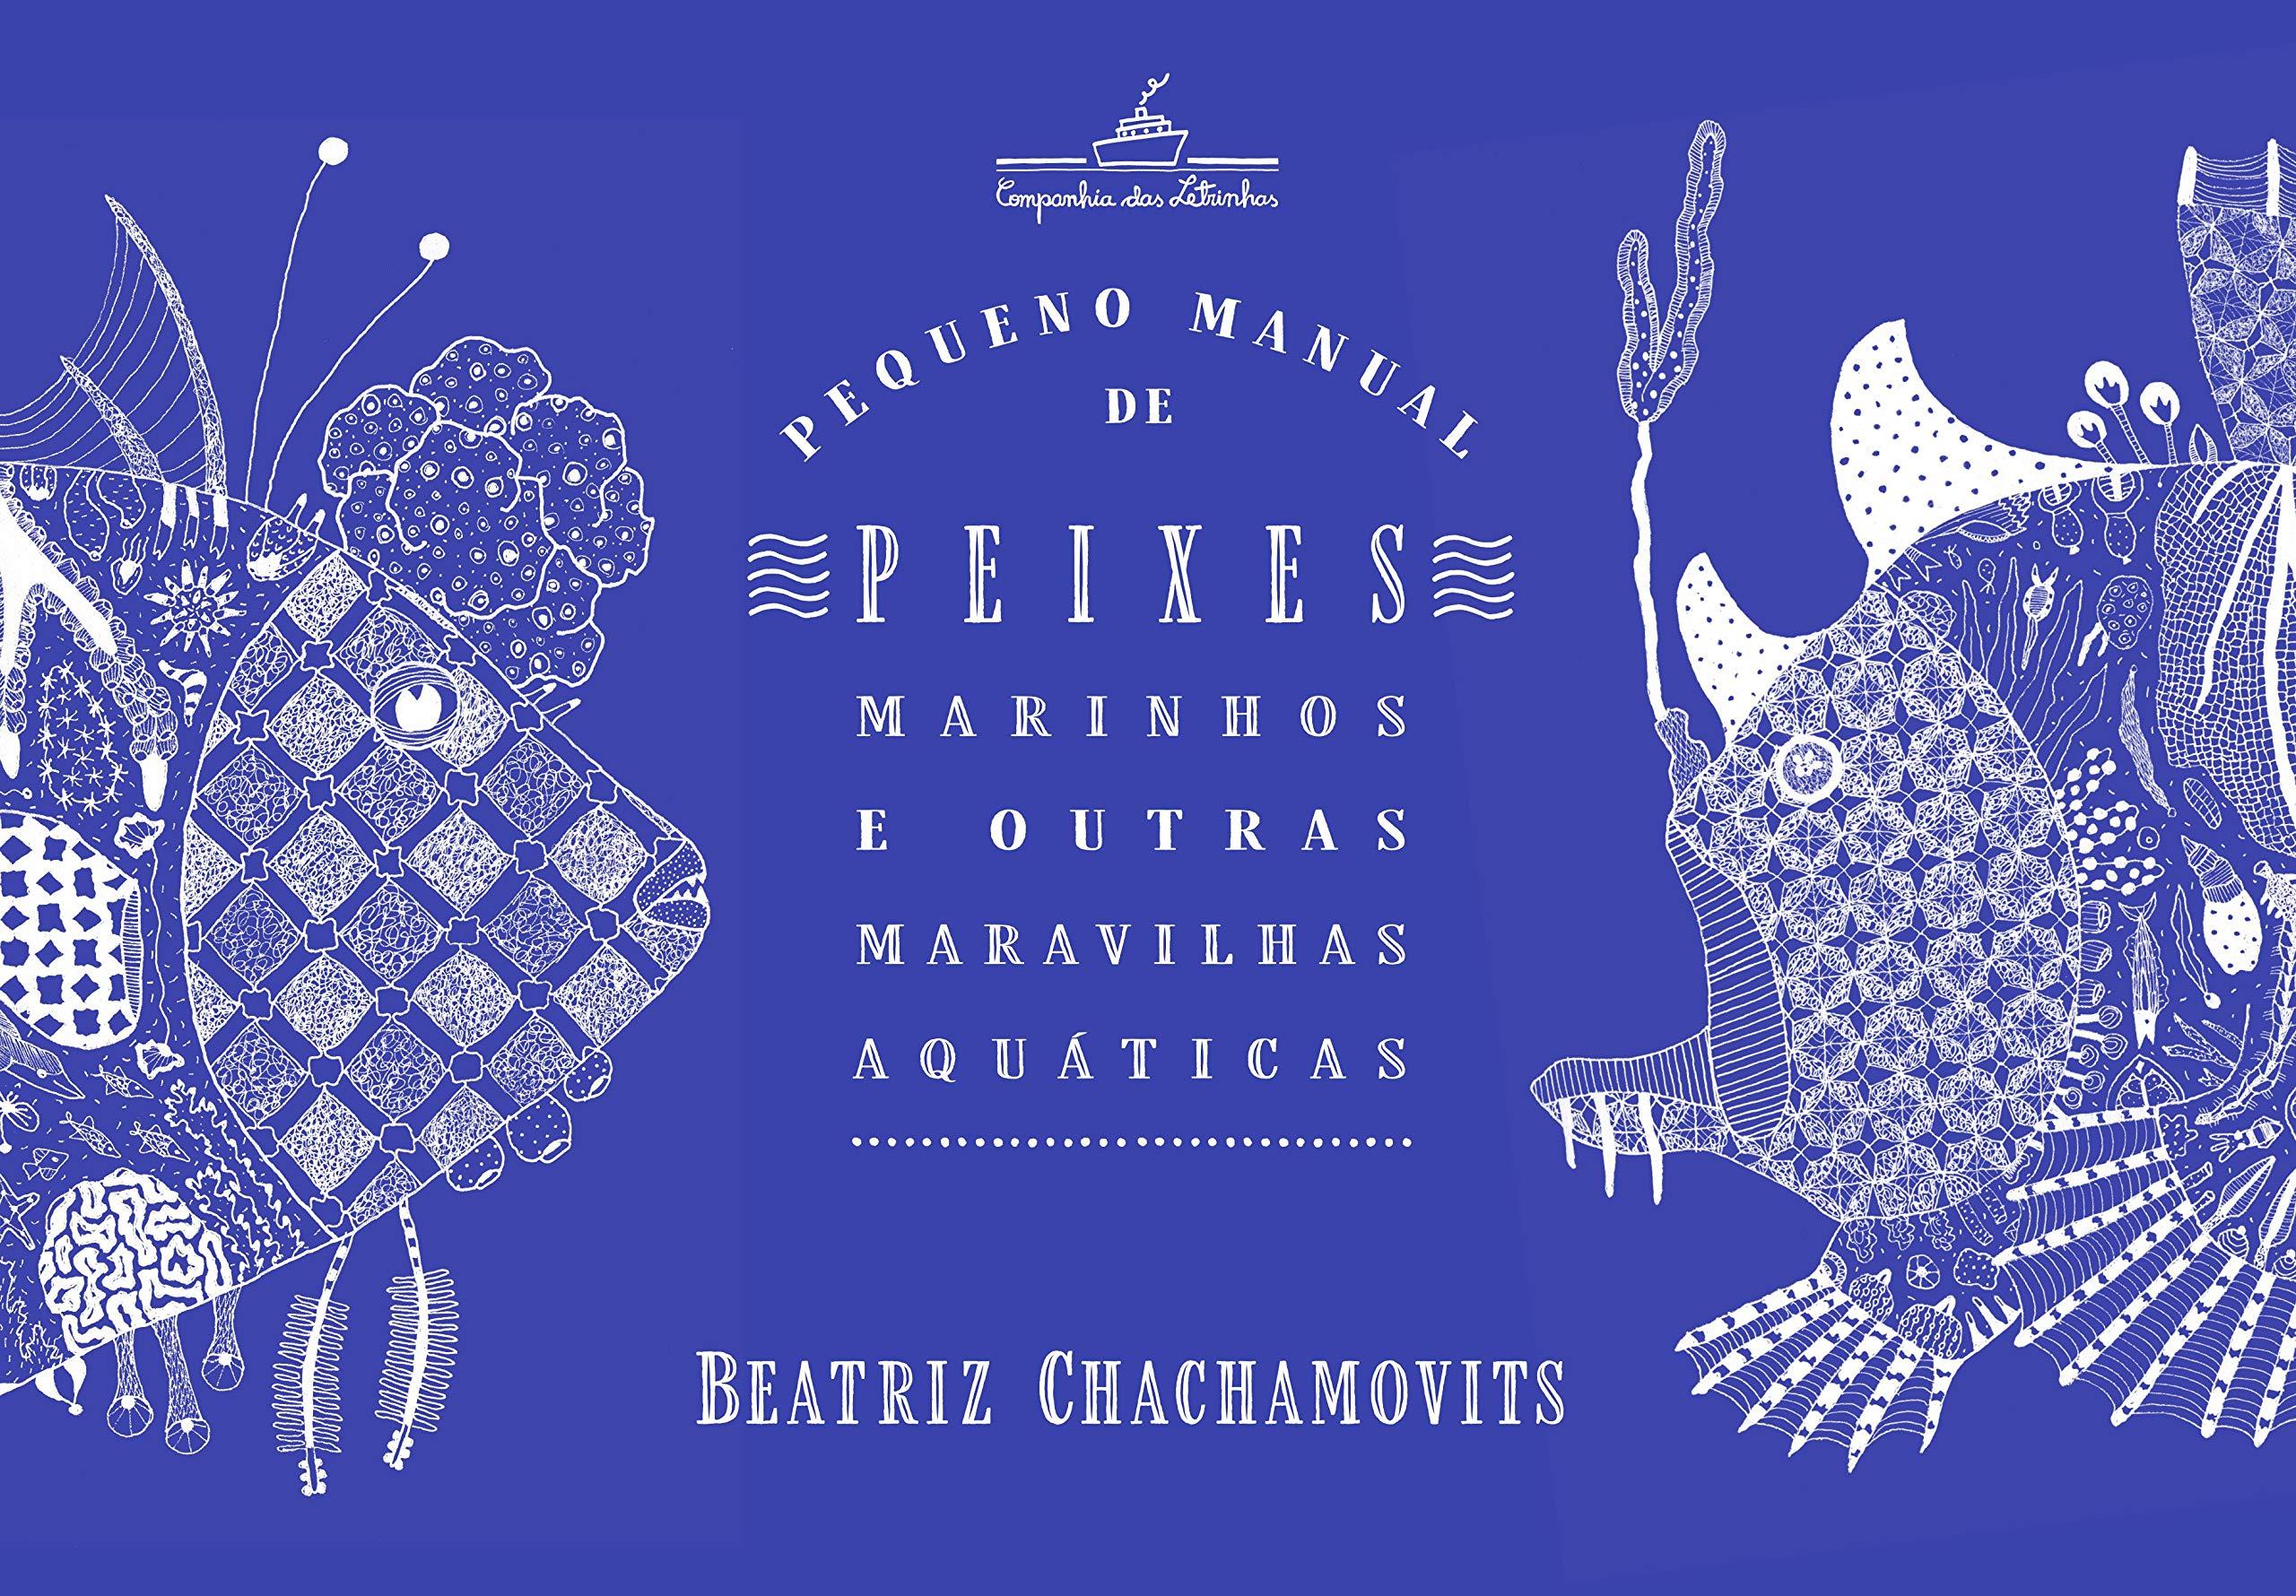 Pequeno Manual de Peixes Marinhos e Outras Maravilhas Aquáticas: Beatriz  Chachamovits: 9788574068145: Amazon.com: Books